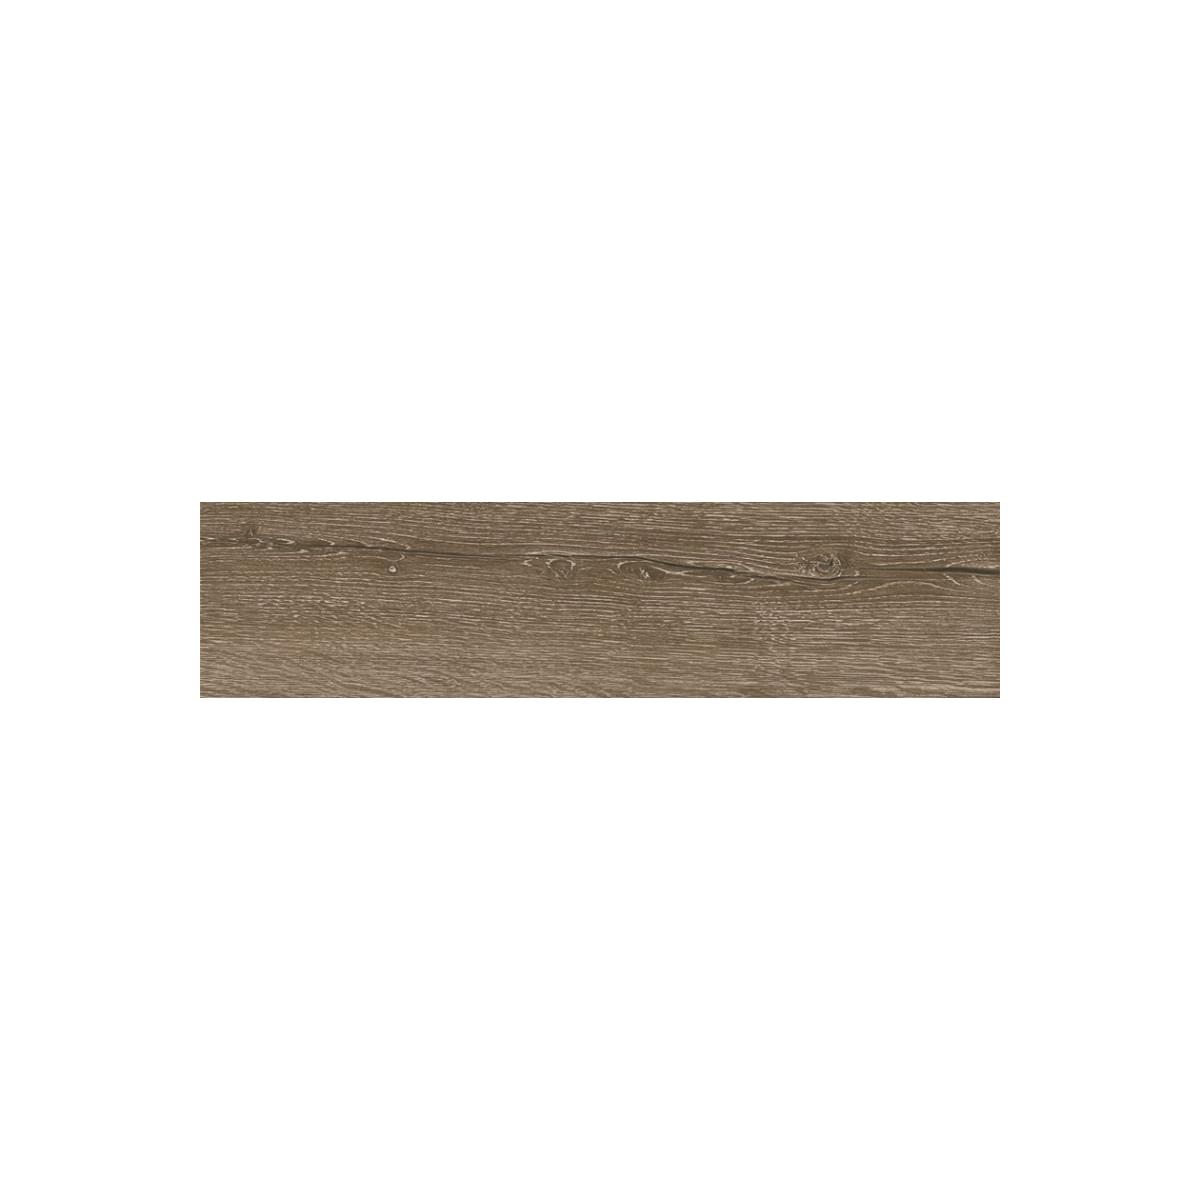 textura borde de piscina Yoho Teca 45x75x3